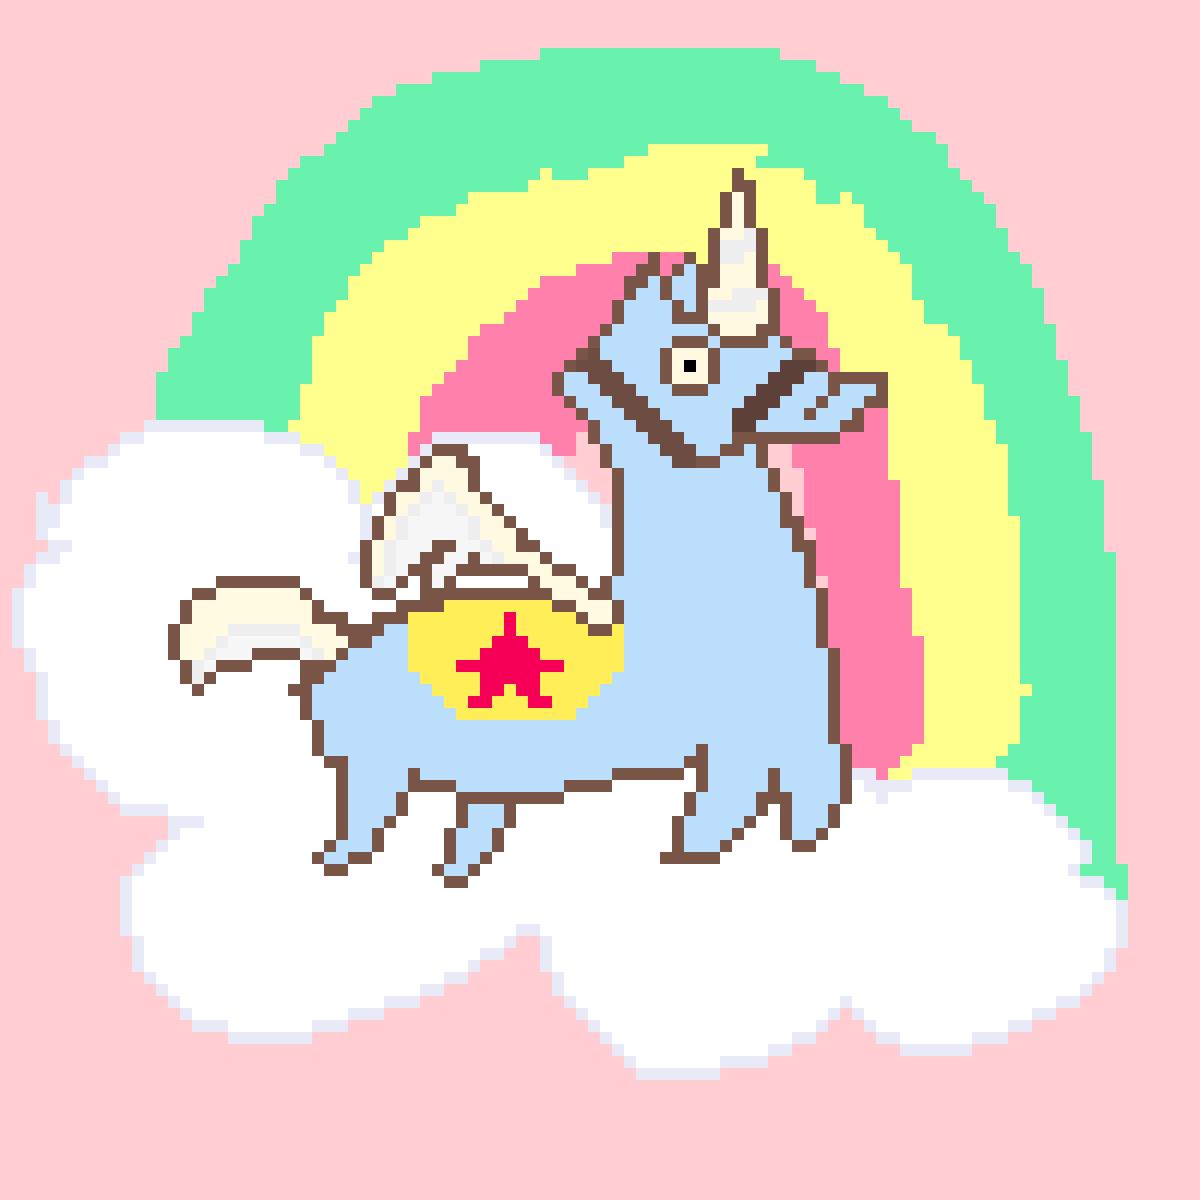 Tuto Emoji Rapace Fortnite Youtube Fortnite Pixel Art Drawing